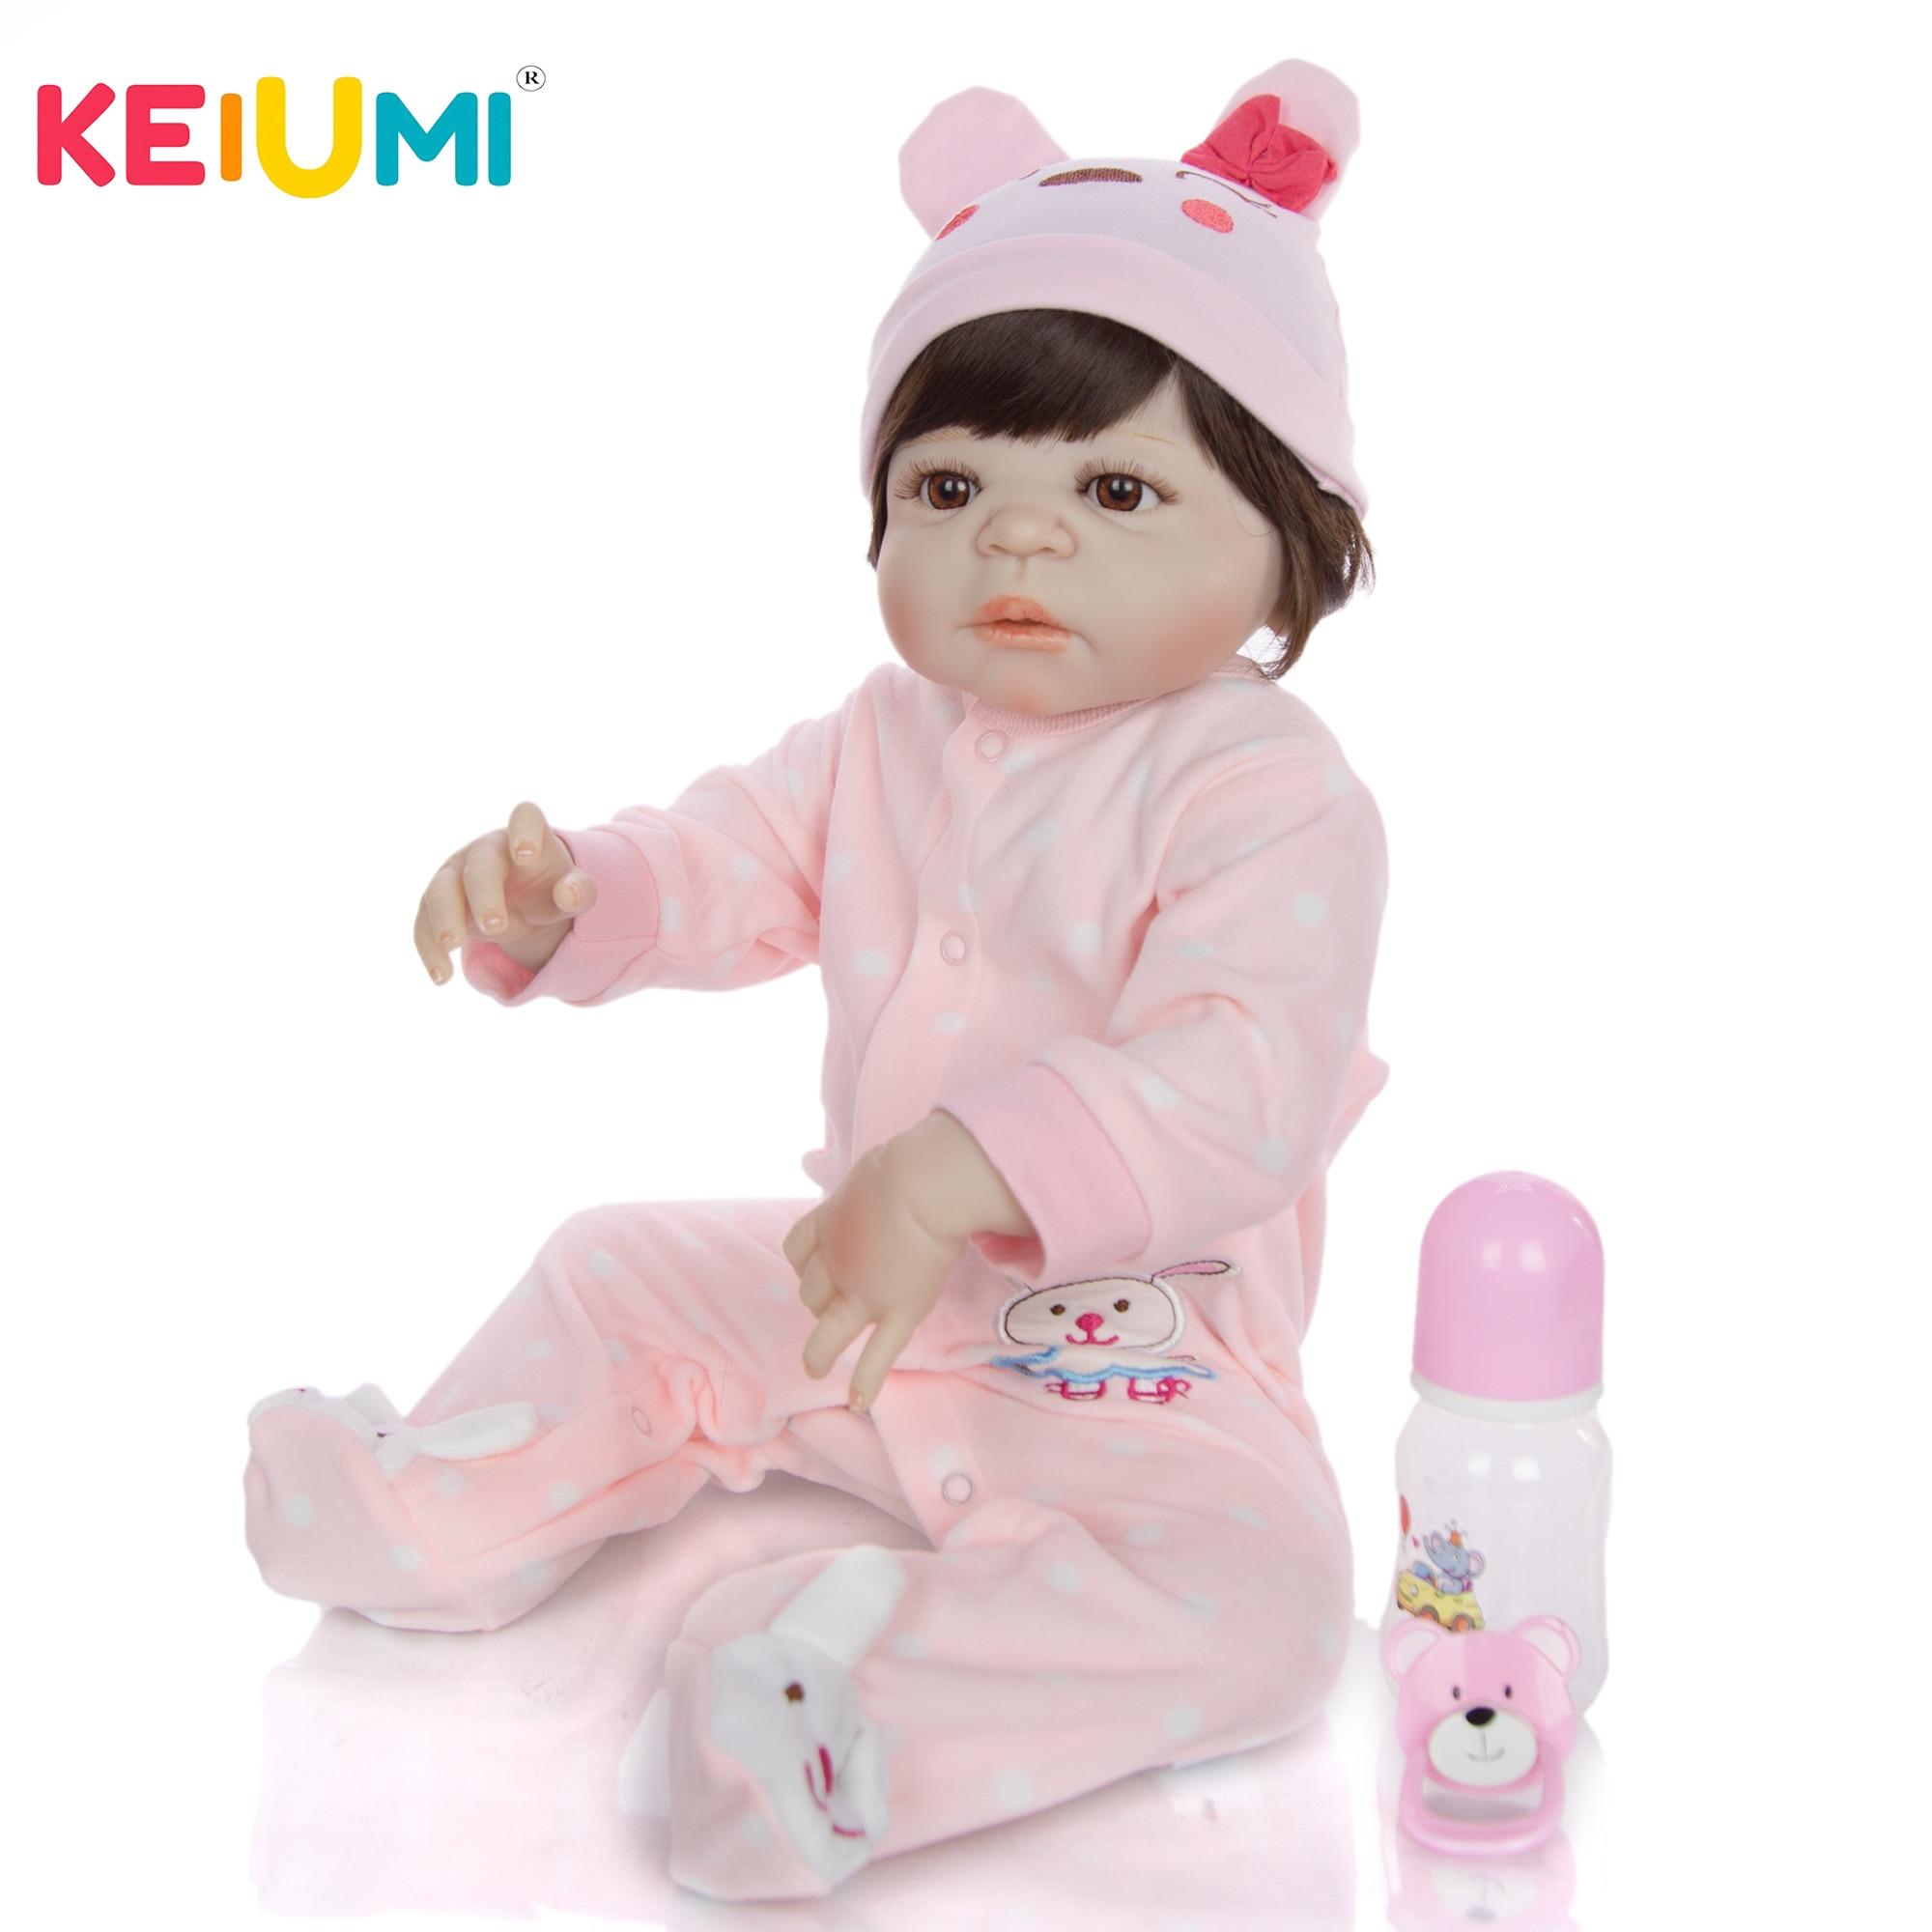 Realistyczne 23 Cal Reborn Boneca 57 Cm pełna silikon winylowe noworodka dziewczyna dzieci moda realistyczne zabawki dla dzieci dla małych dzieci dla dzieci prezent w Lalki od Zabawki i hobby na  Grupa 1